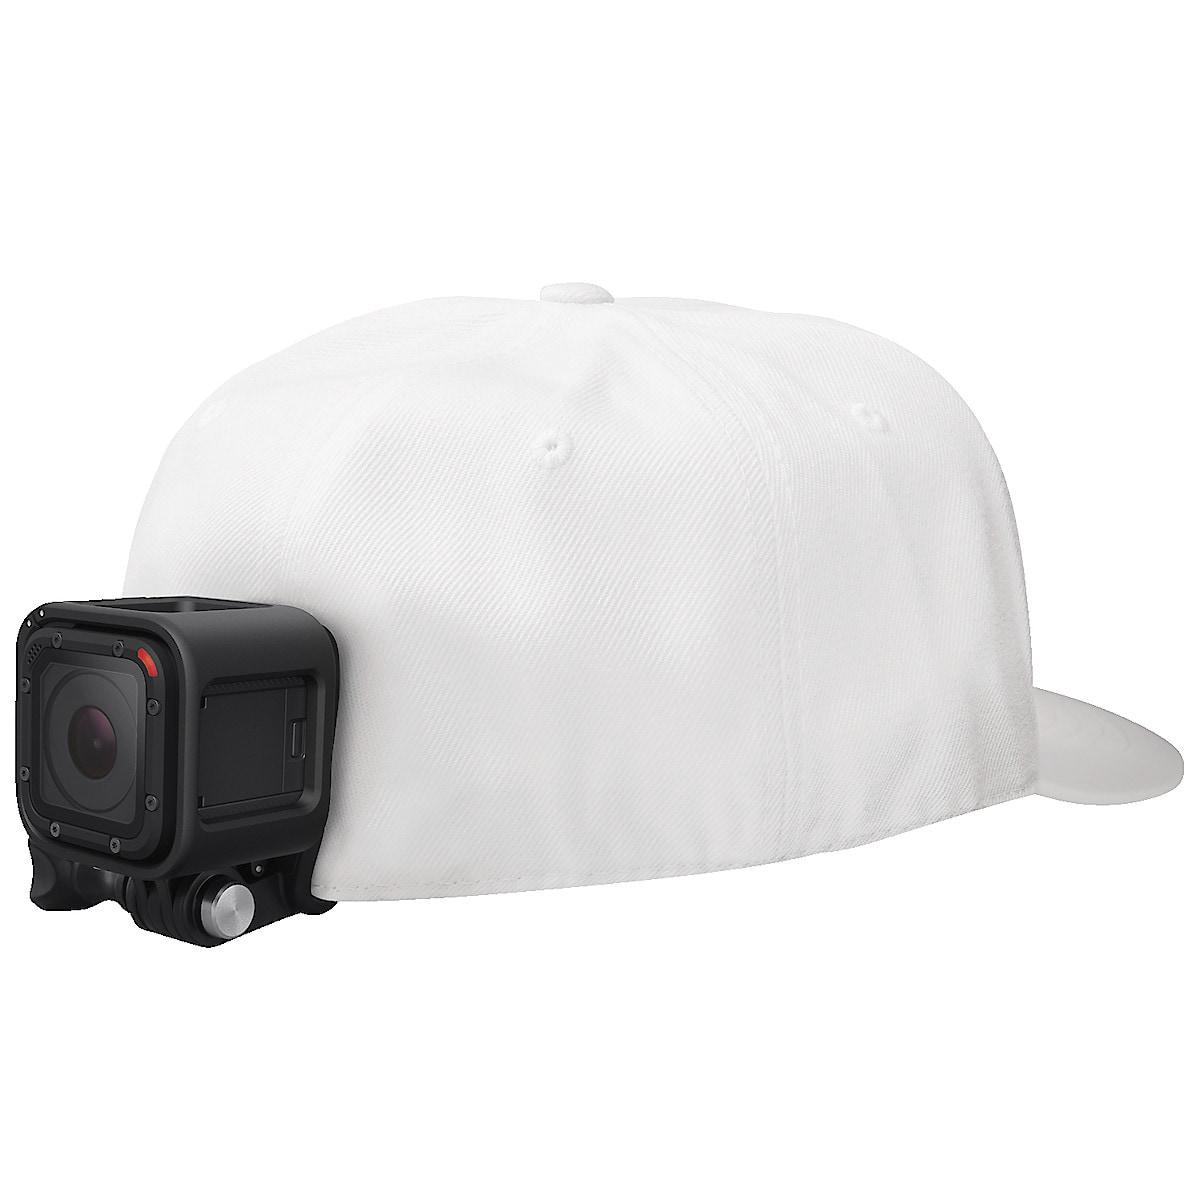 Päähihna Head strap ja QuickClip GoPro